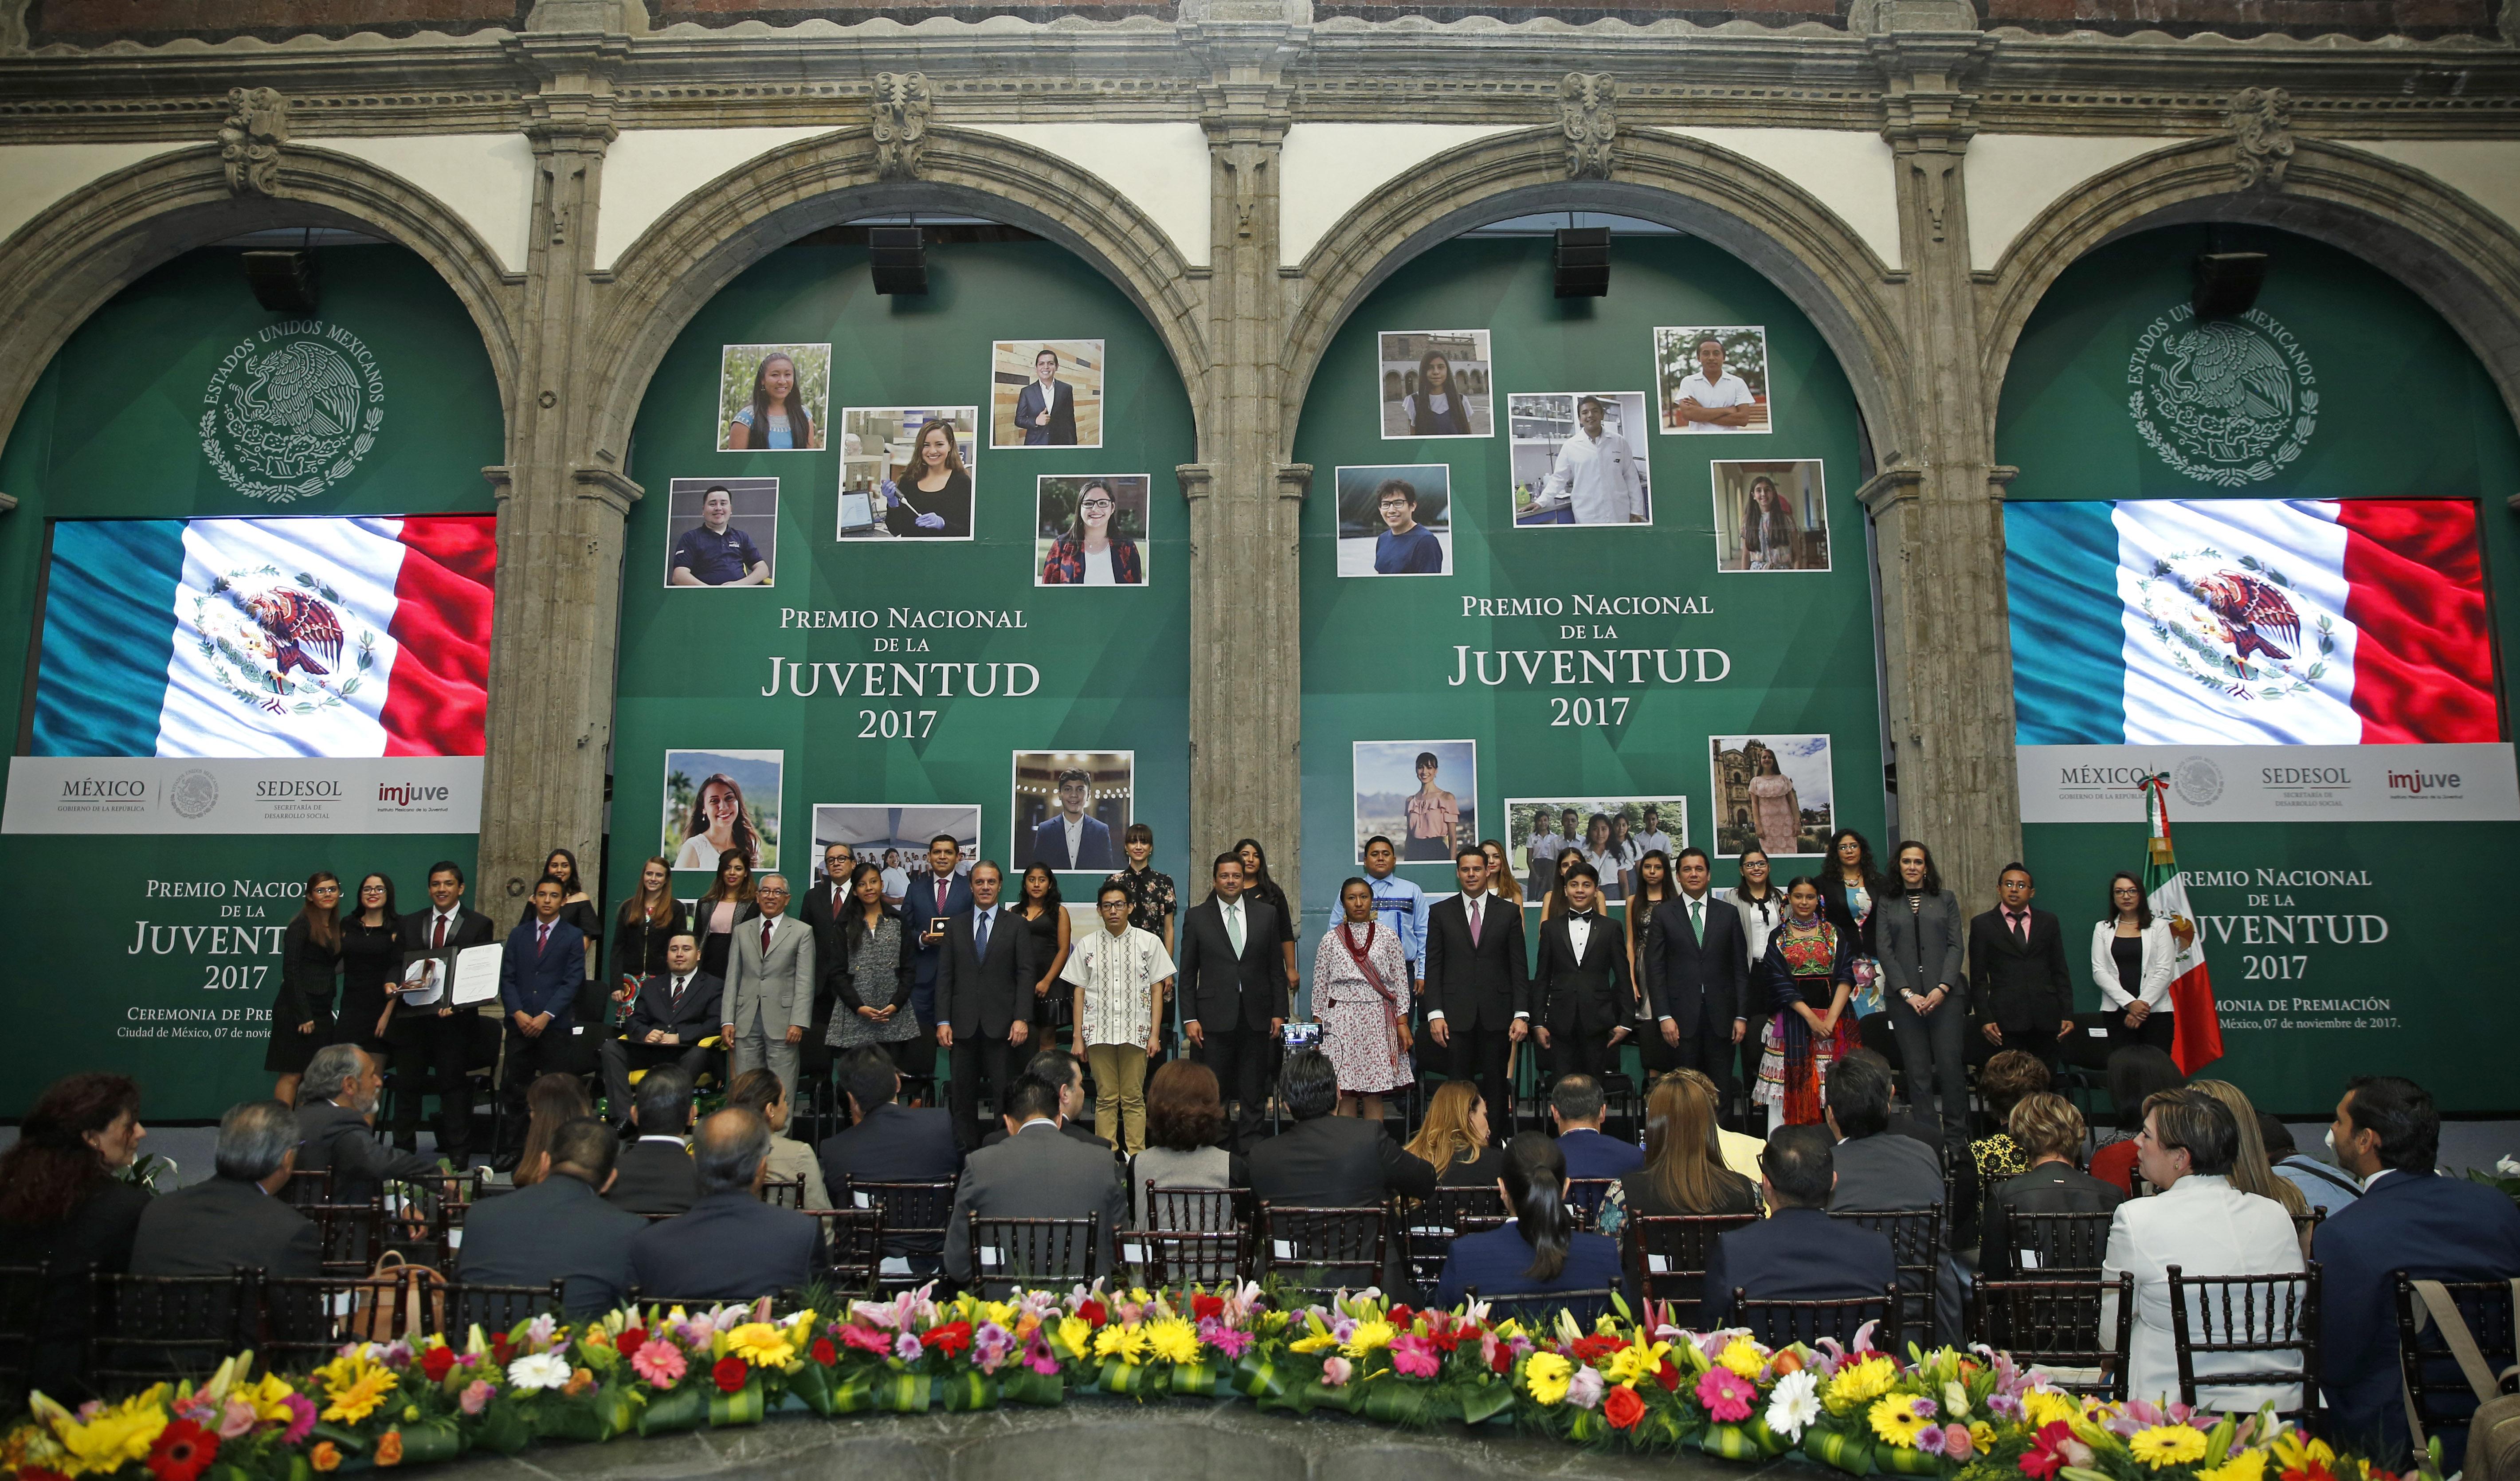 Ceremonia de entrega del Premio Nacional de la Juventud 2017